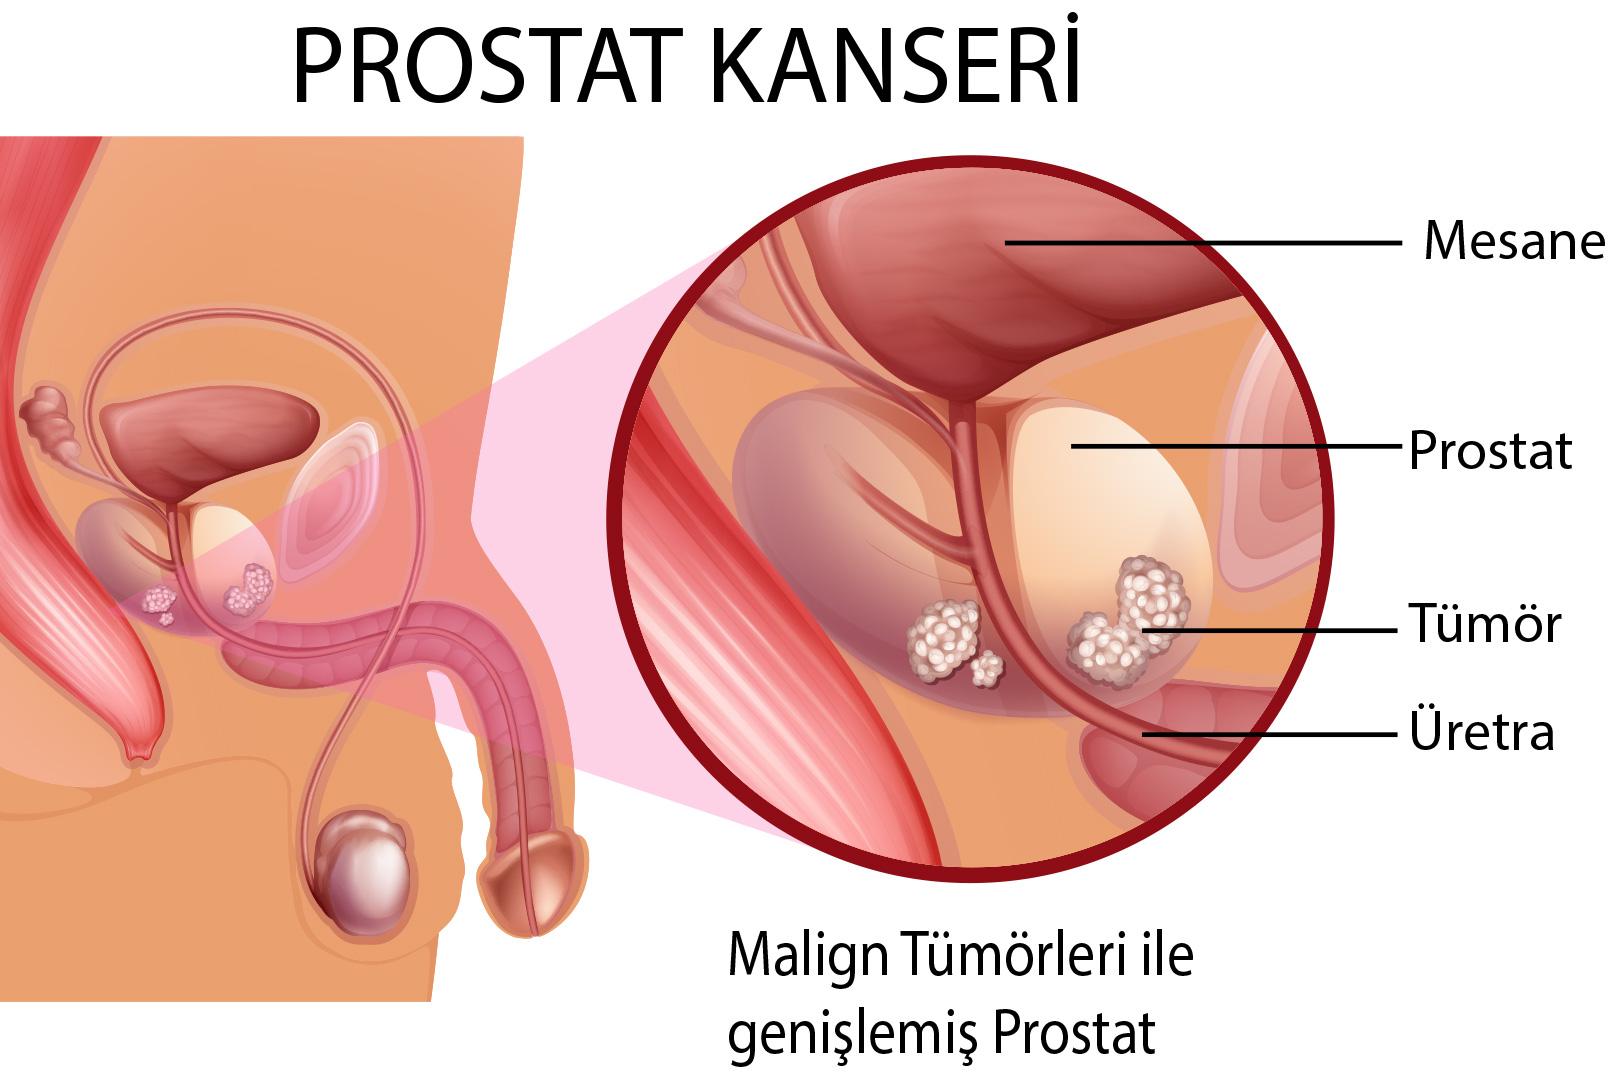 Простатит у мужчин может перейти в рак уросептики при простатите